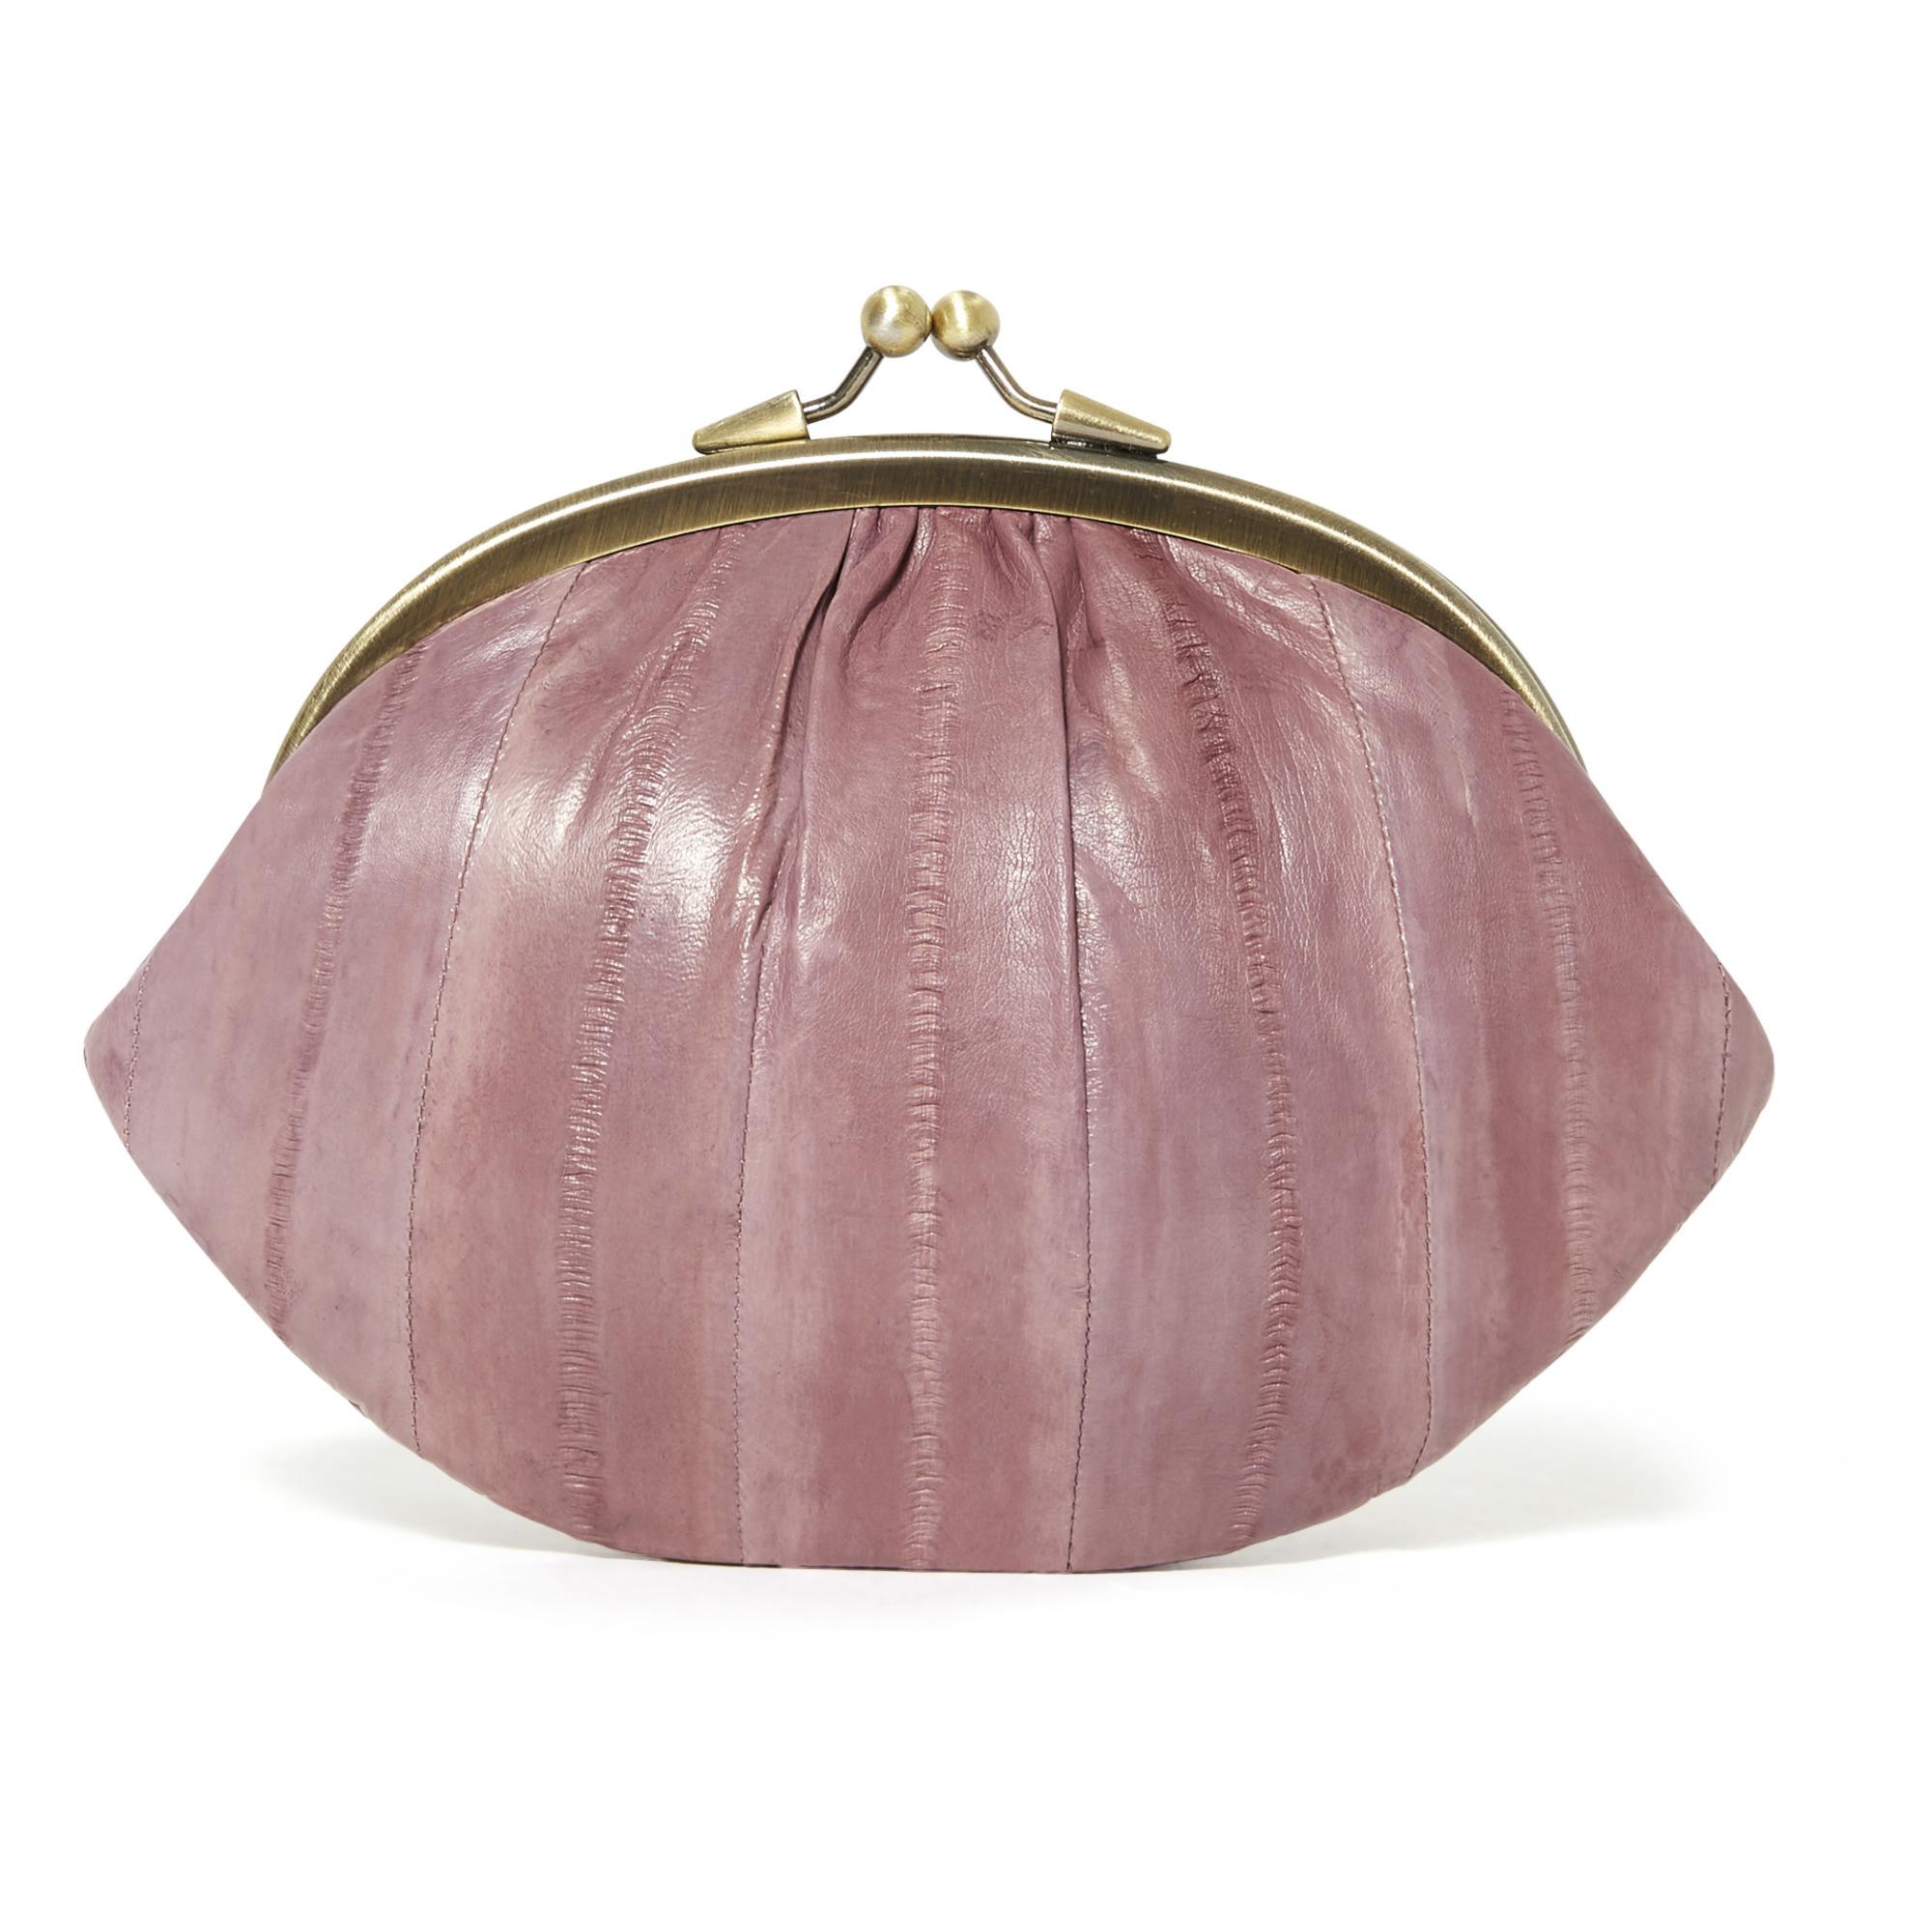 Bernice Winifred Le-gend of-Zelda porte-monnaie pour femmes sacs /à cosm/étiques de stockage de coquille pour pi/èces de cl/és de rouge /à l/èvres